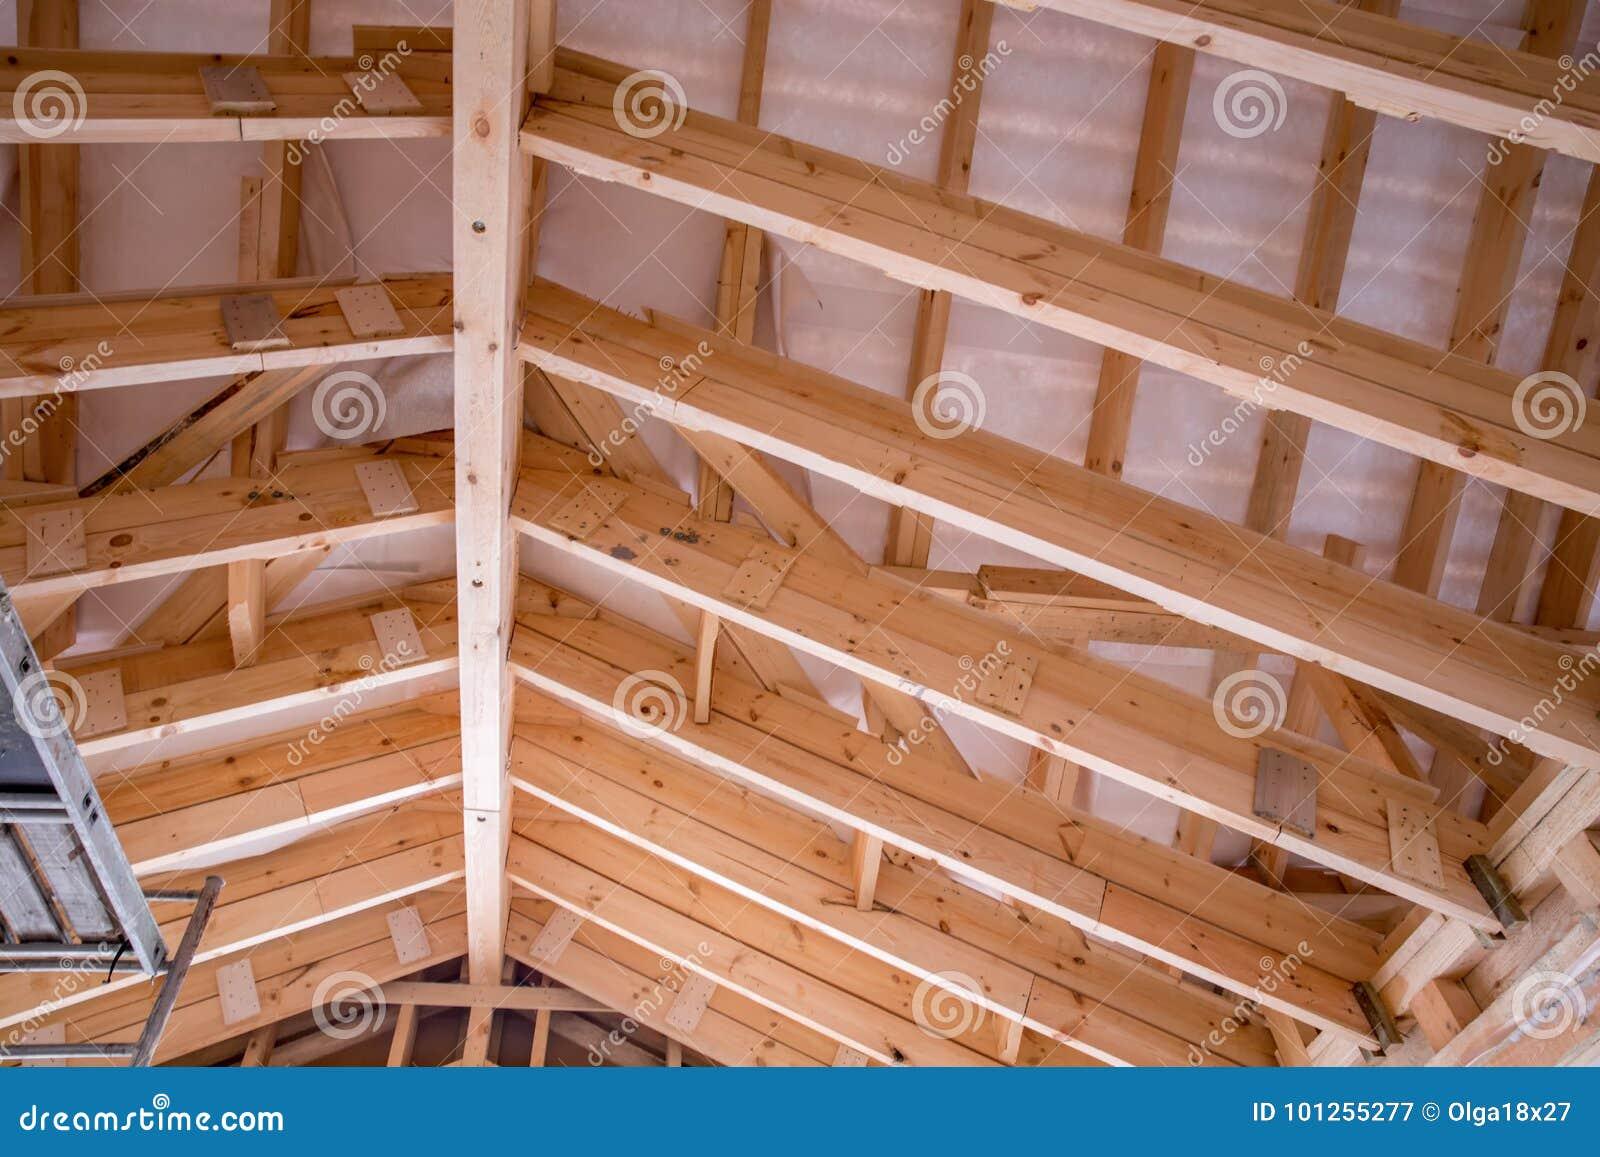 Vista interior de una estructura de tejado de madera imagen de archivo imagen de edificio - Estructuras de madera para tejados ...